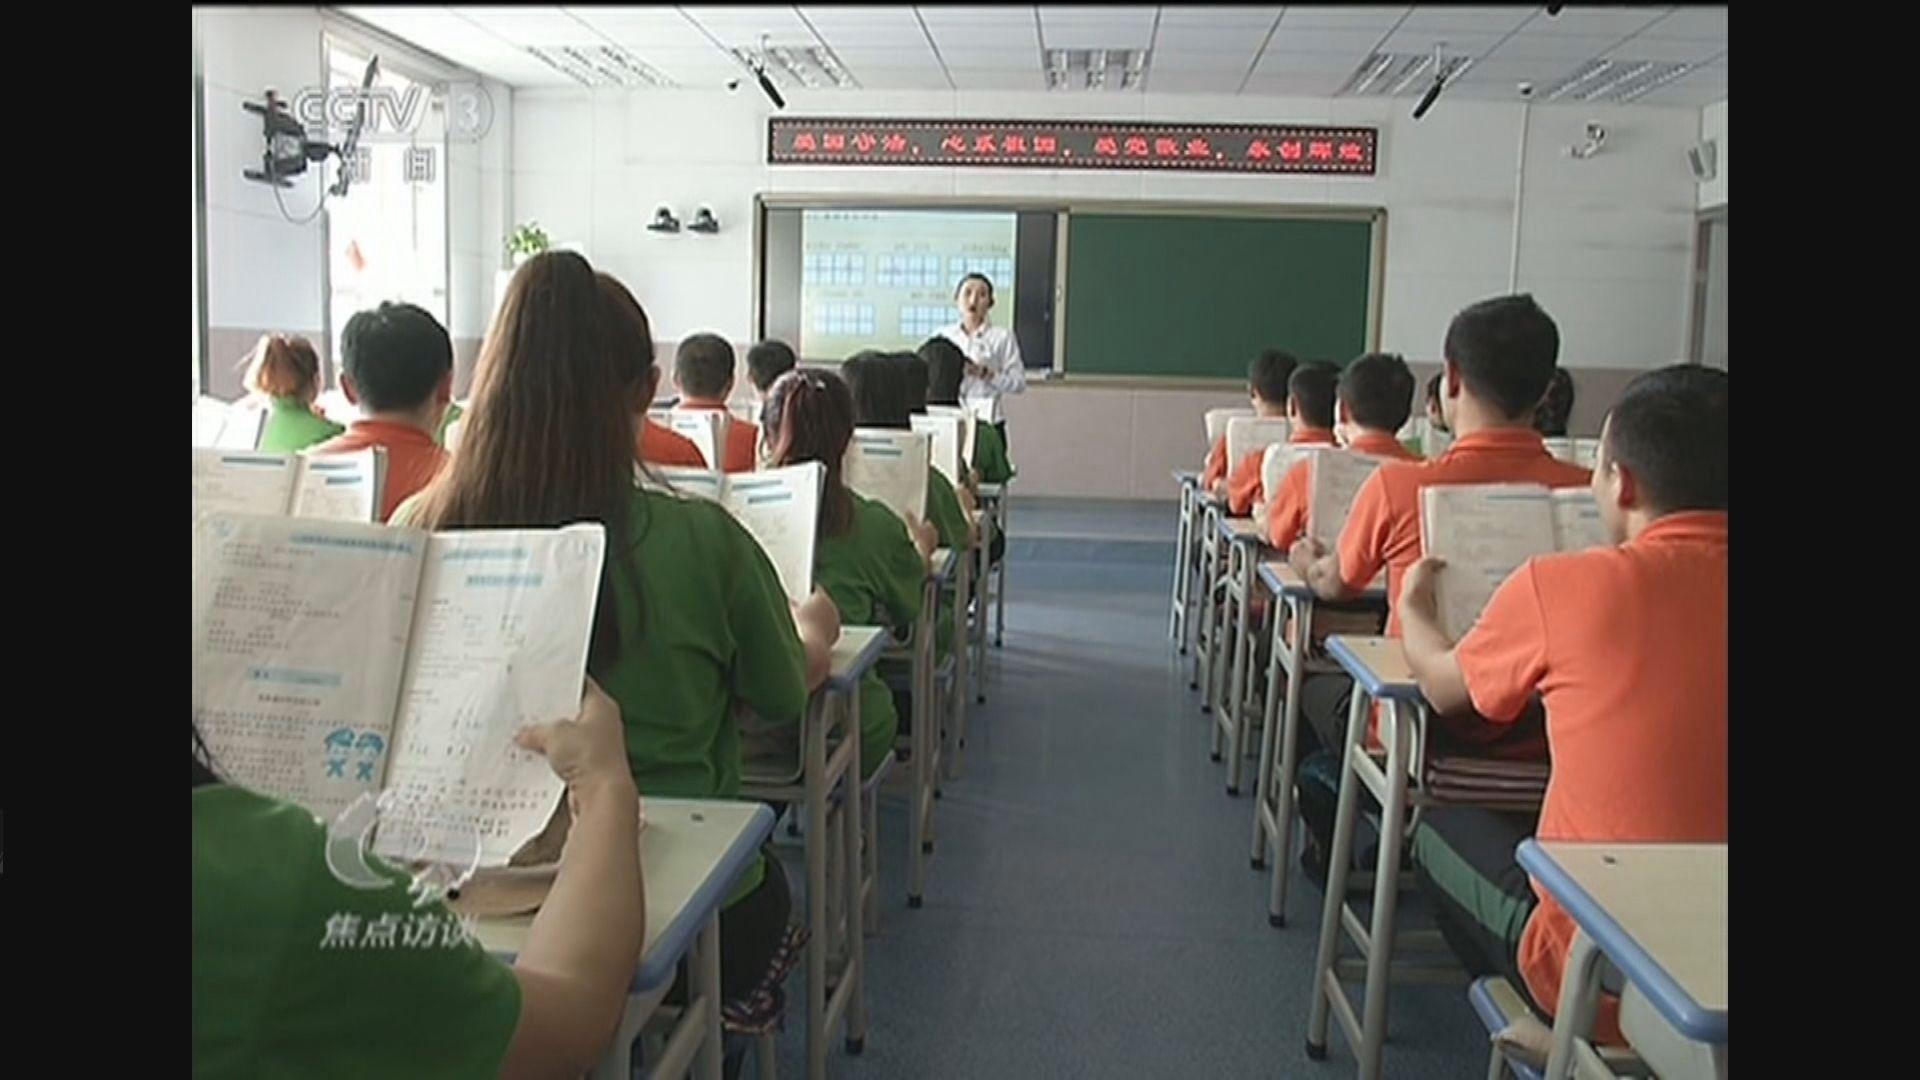 研究指中國去年增二百億建再教育營